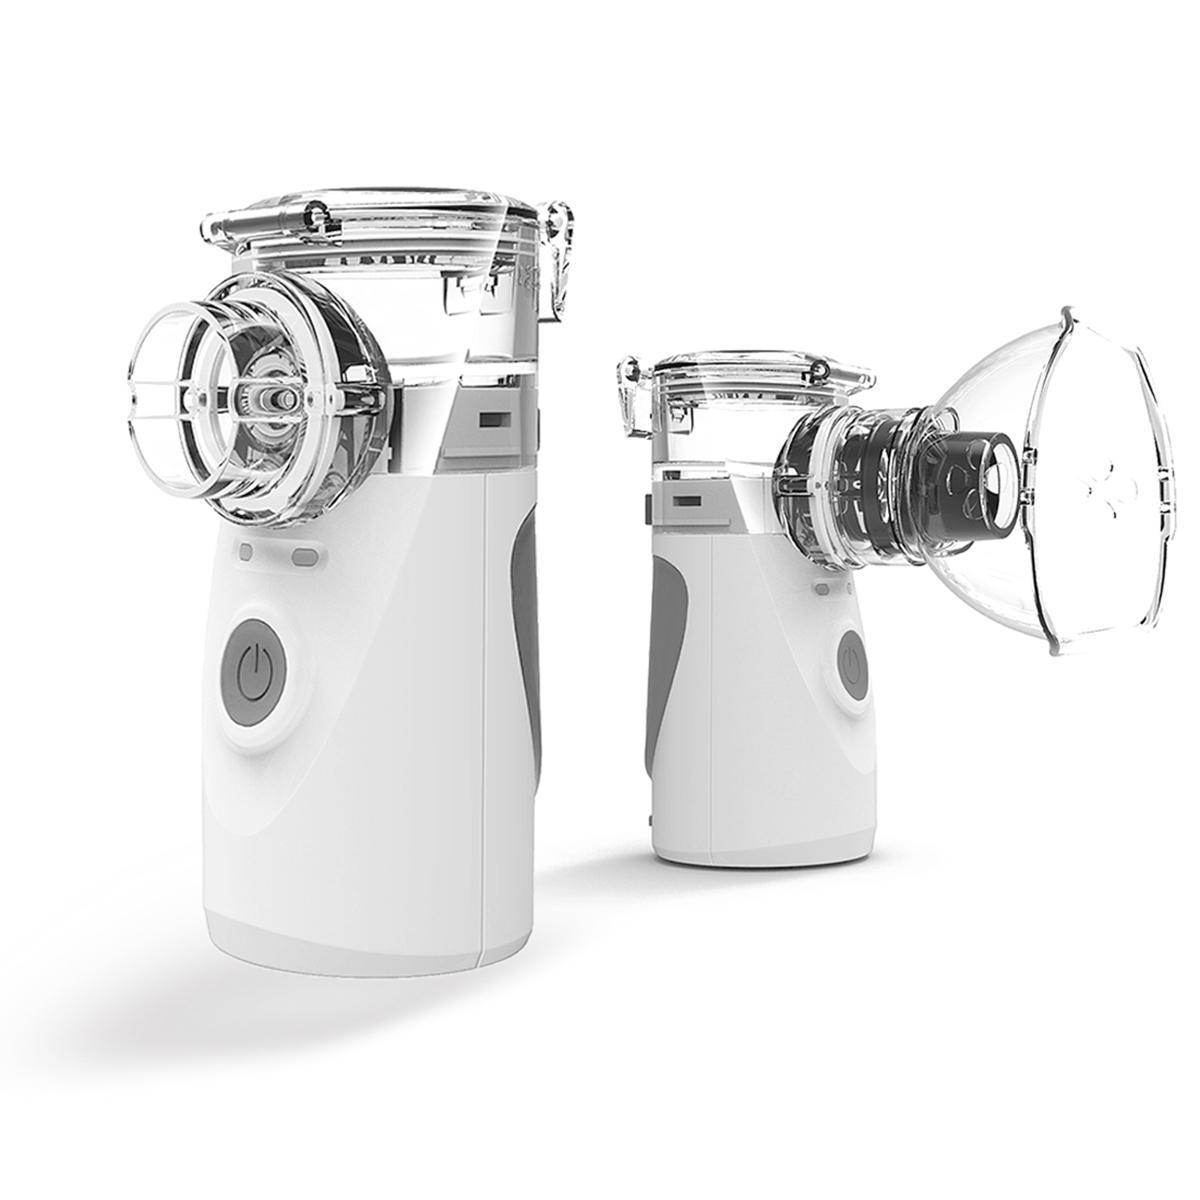 المحمولة شبكة البخاخات بالموجات البسيطة آلة البسيطة المحمولة المحمولة الاستنشاق الصامت التنفس الصامت لجميع chest شحن الرعاية الصحية nebulizador